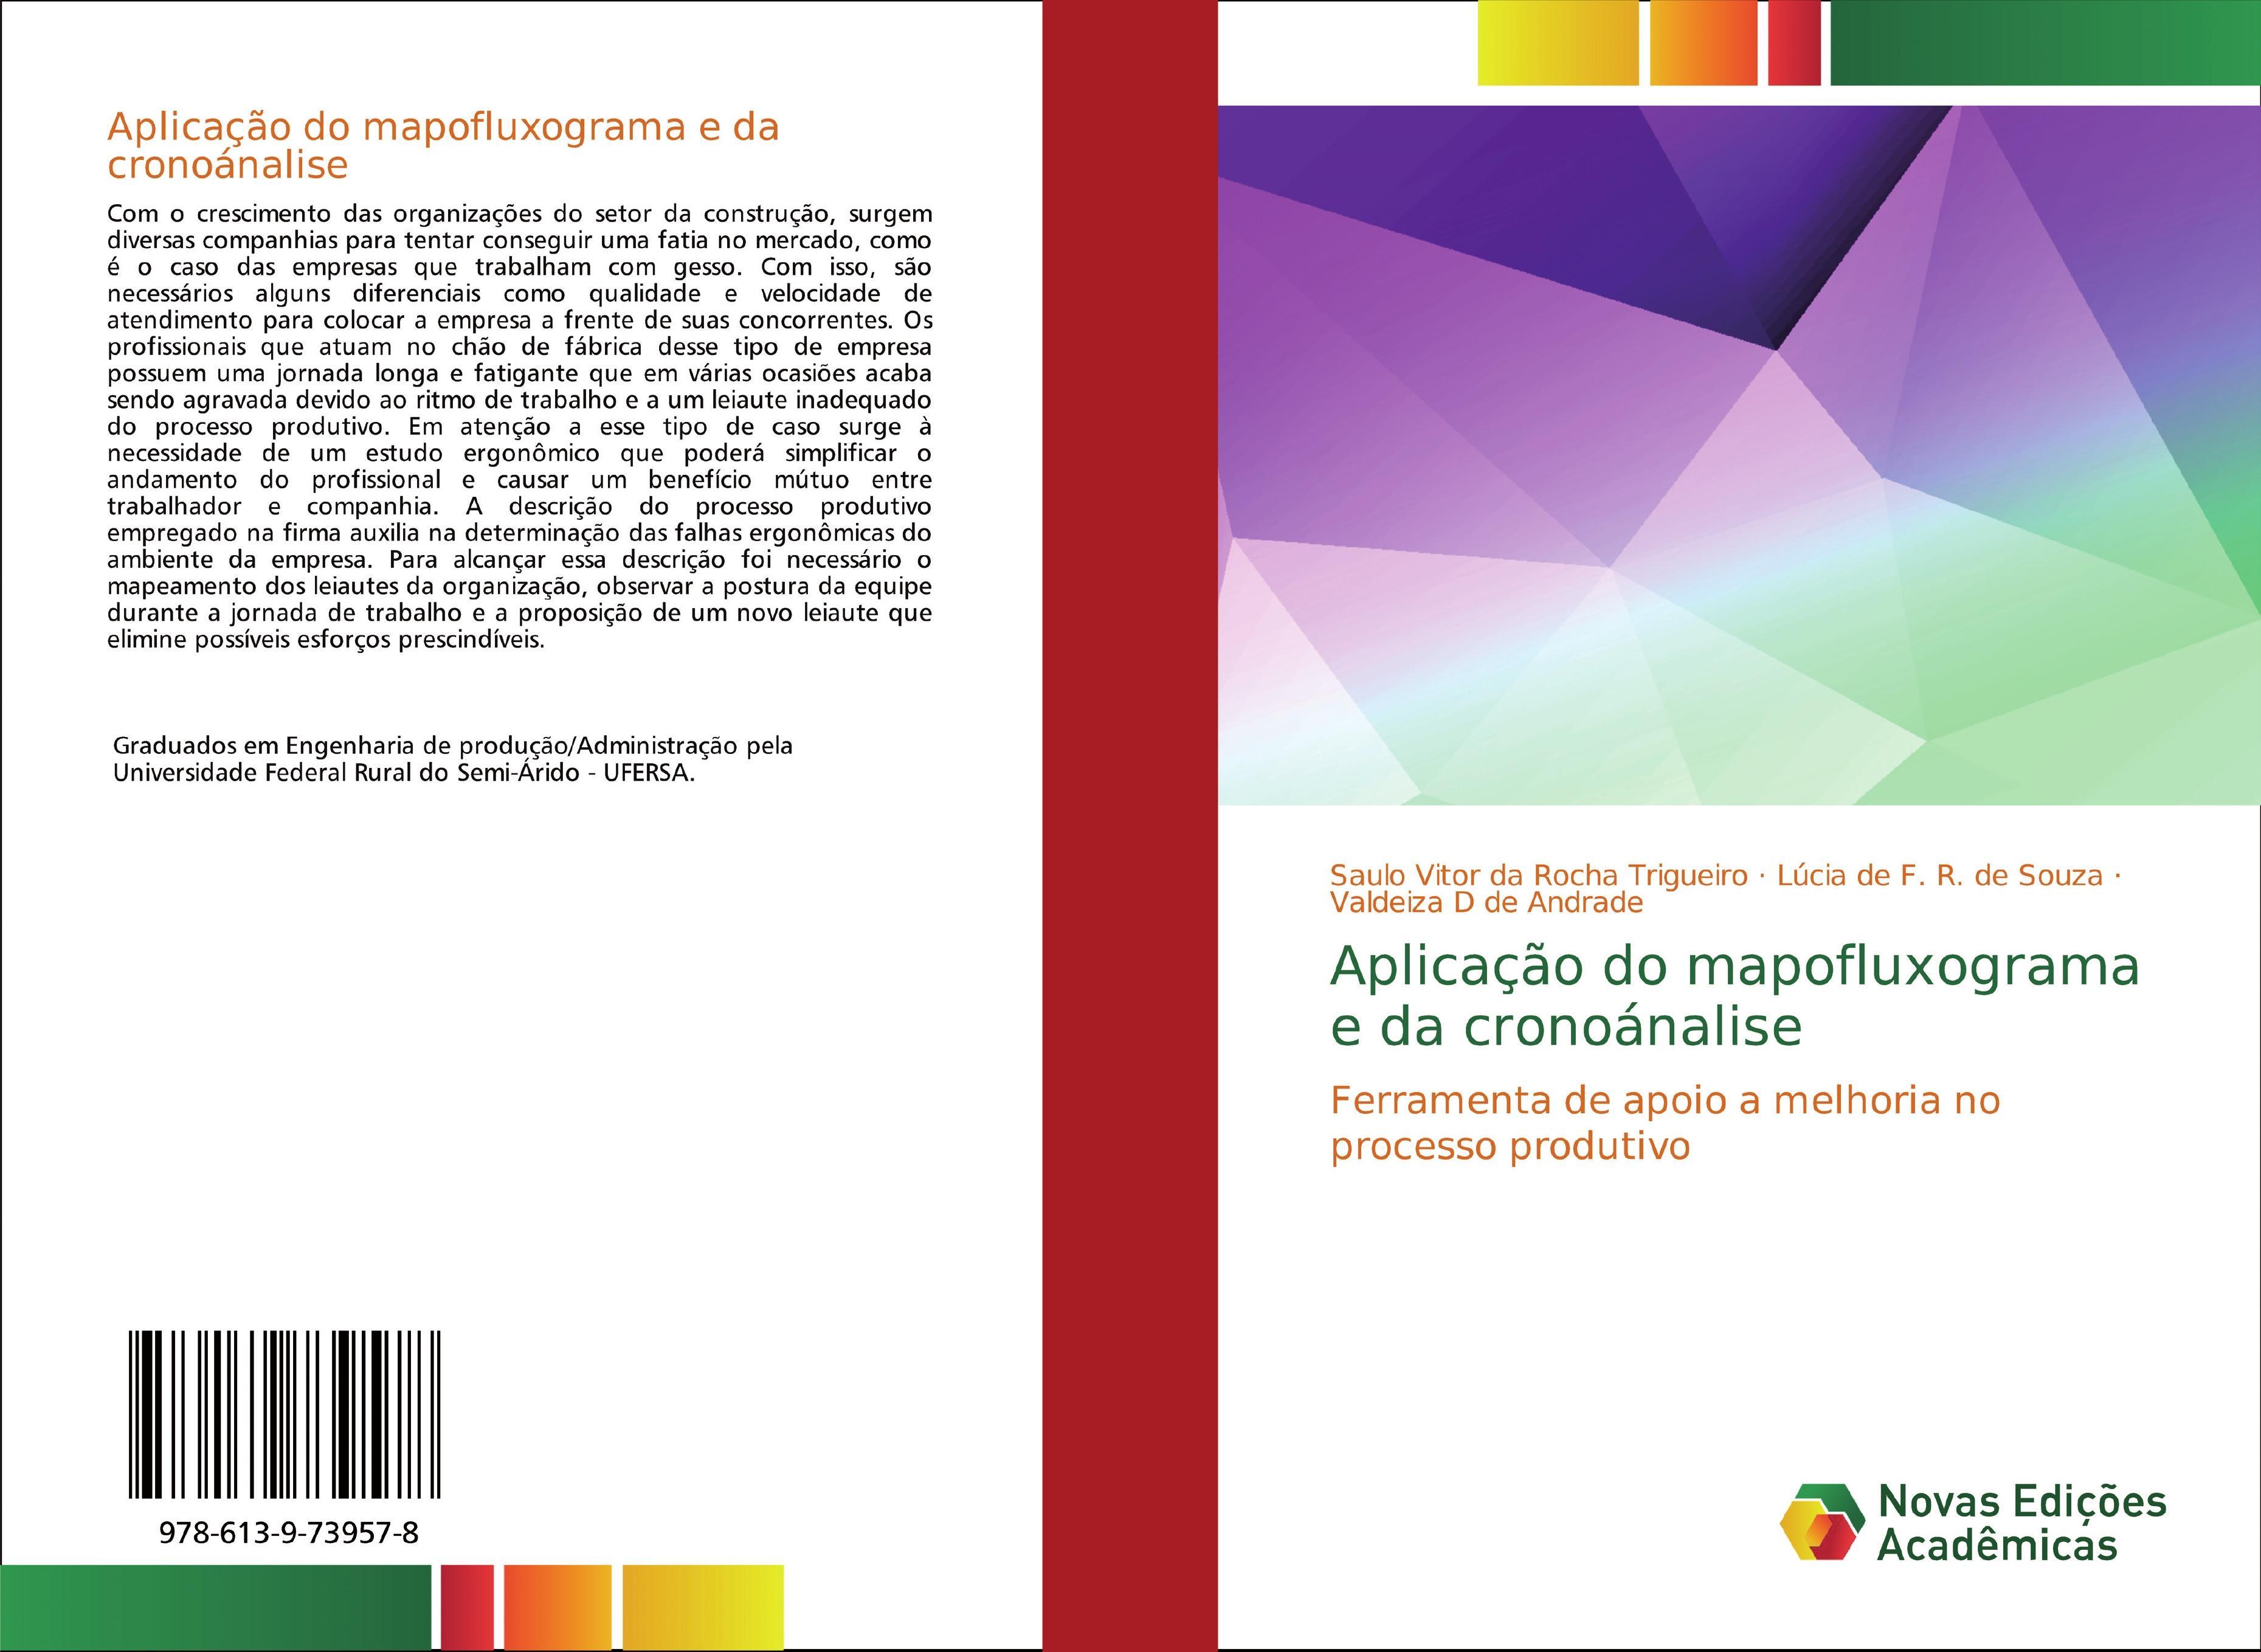 Aplicação do mapofluxograma e da cronoánalise  Ferramenta de apoio a melhoria no processo produtivo  Saulo Vitor da Rocha Trigueiro  Taschenbuch  Paperback  Portugiesisch  2019